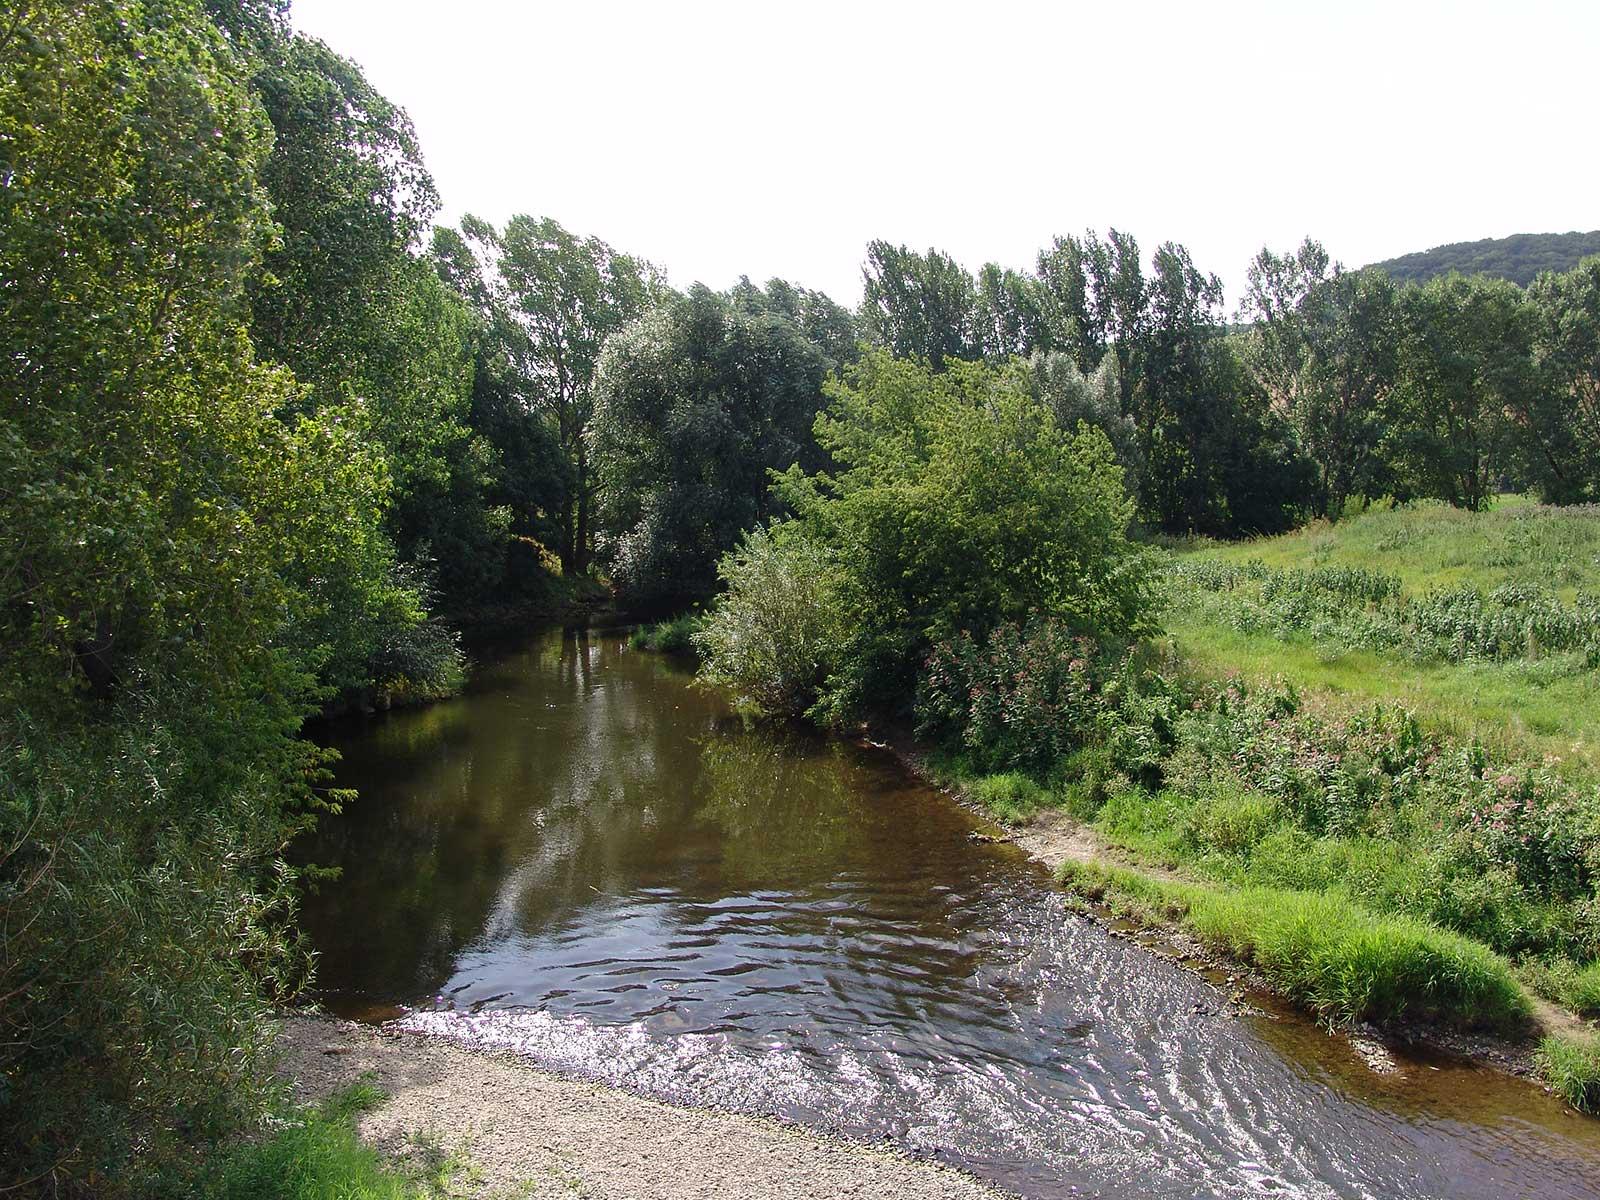 Wir wollen, dass unsere Flüsse sauber bleiben. Jährlich legen wir Rechenschaft ab über unsere Arbeit.